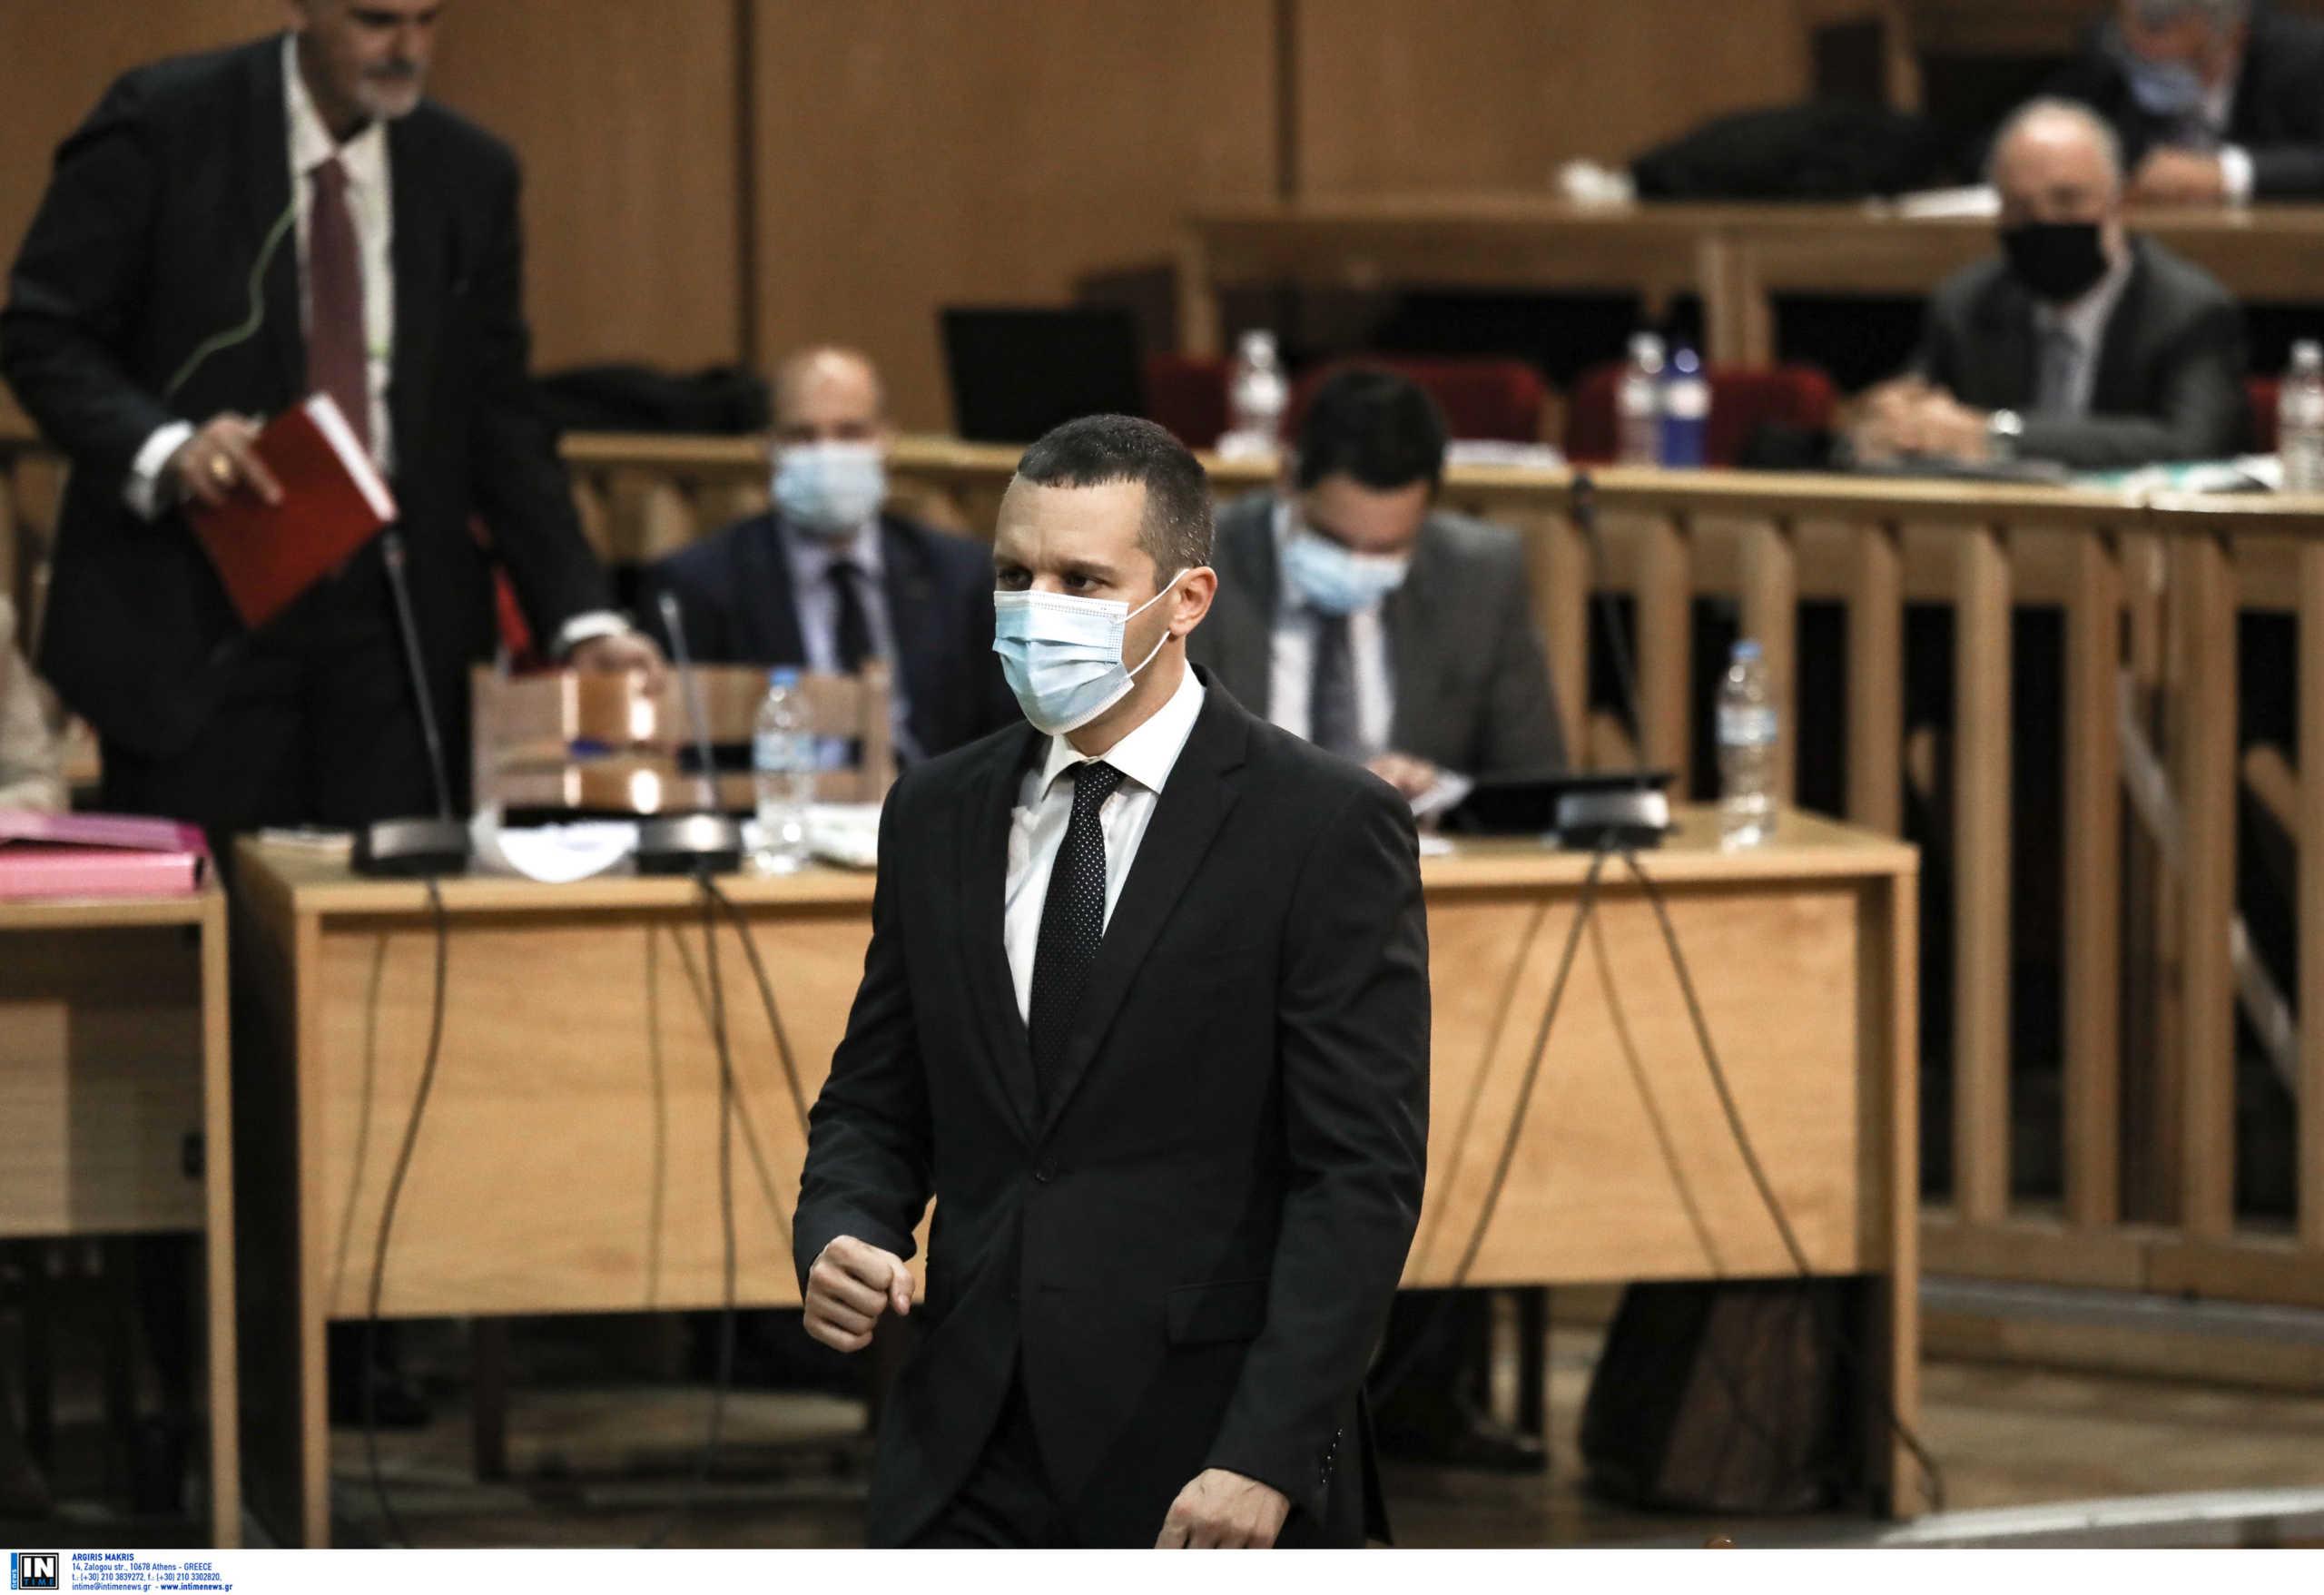 Ηλίας Κασιδιάρης στο δικαστήριο για τη δίκη της Χρυσής Αυγής